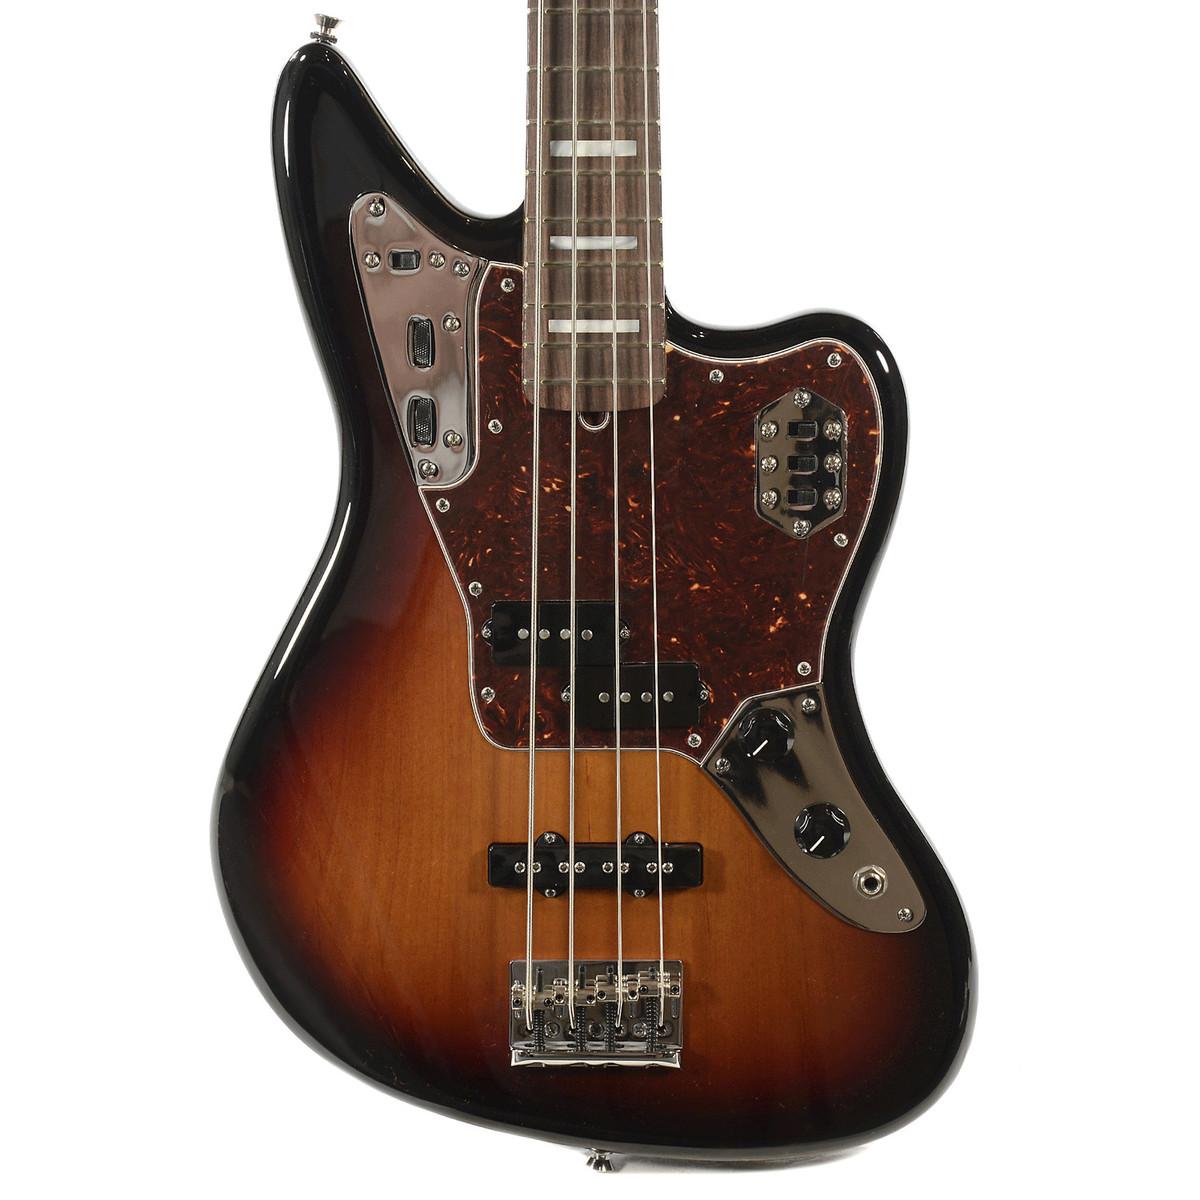 fender american standard jaguar bass rw fretboard 3 color sunburst at. Black Bedroom Furniture Sets. Home Design Ideas